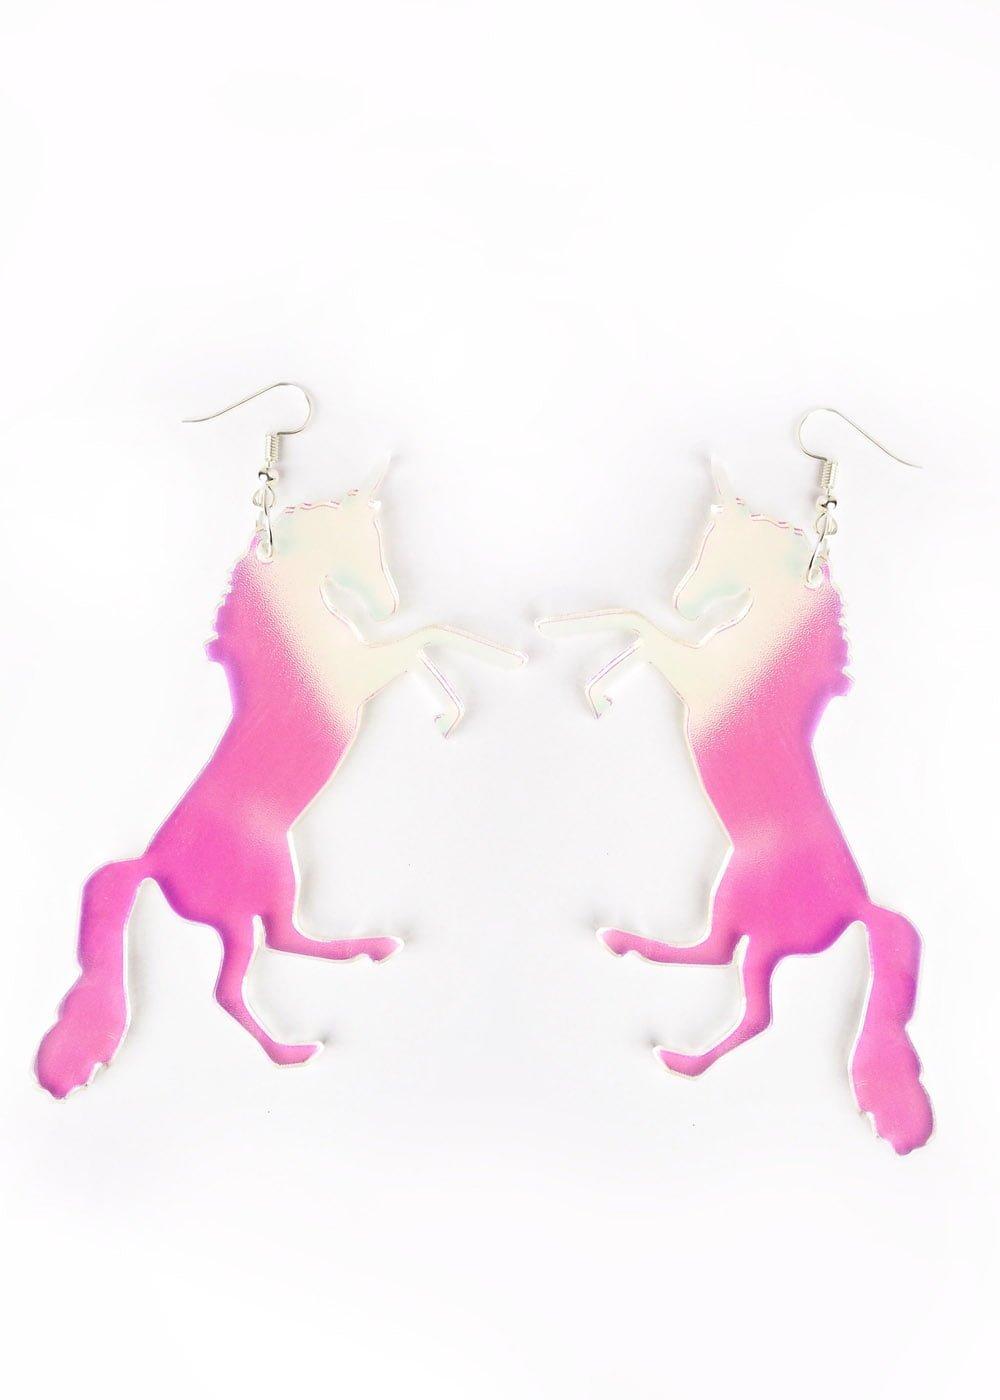 Unicorn earrings in iridescent acrylic.